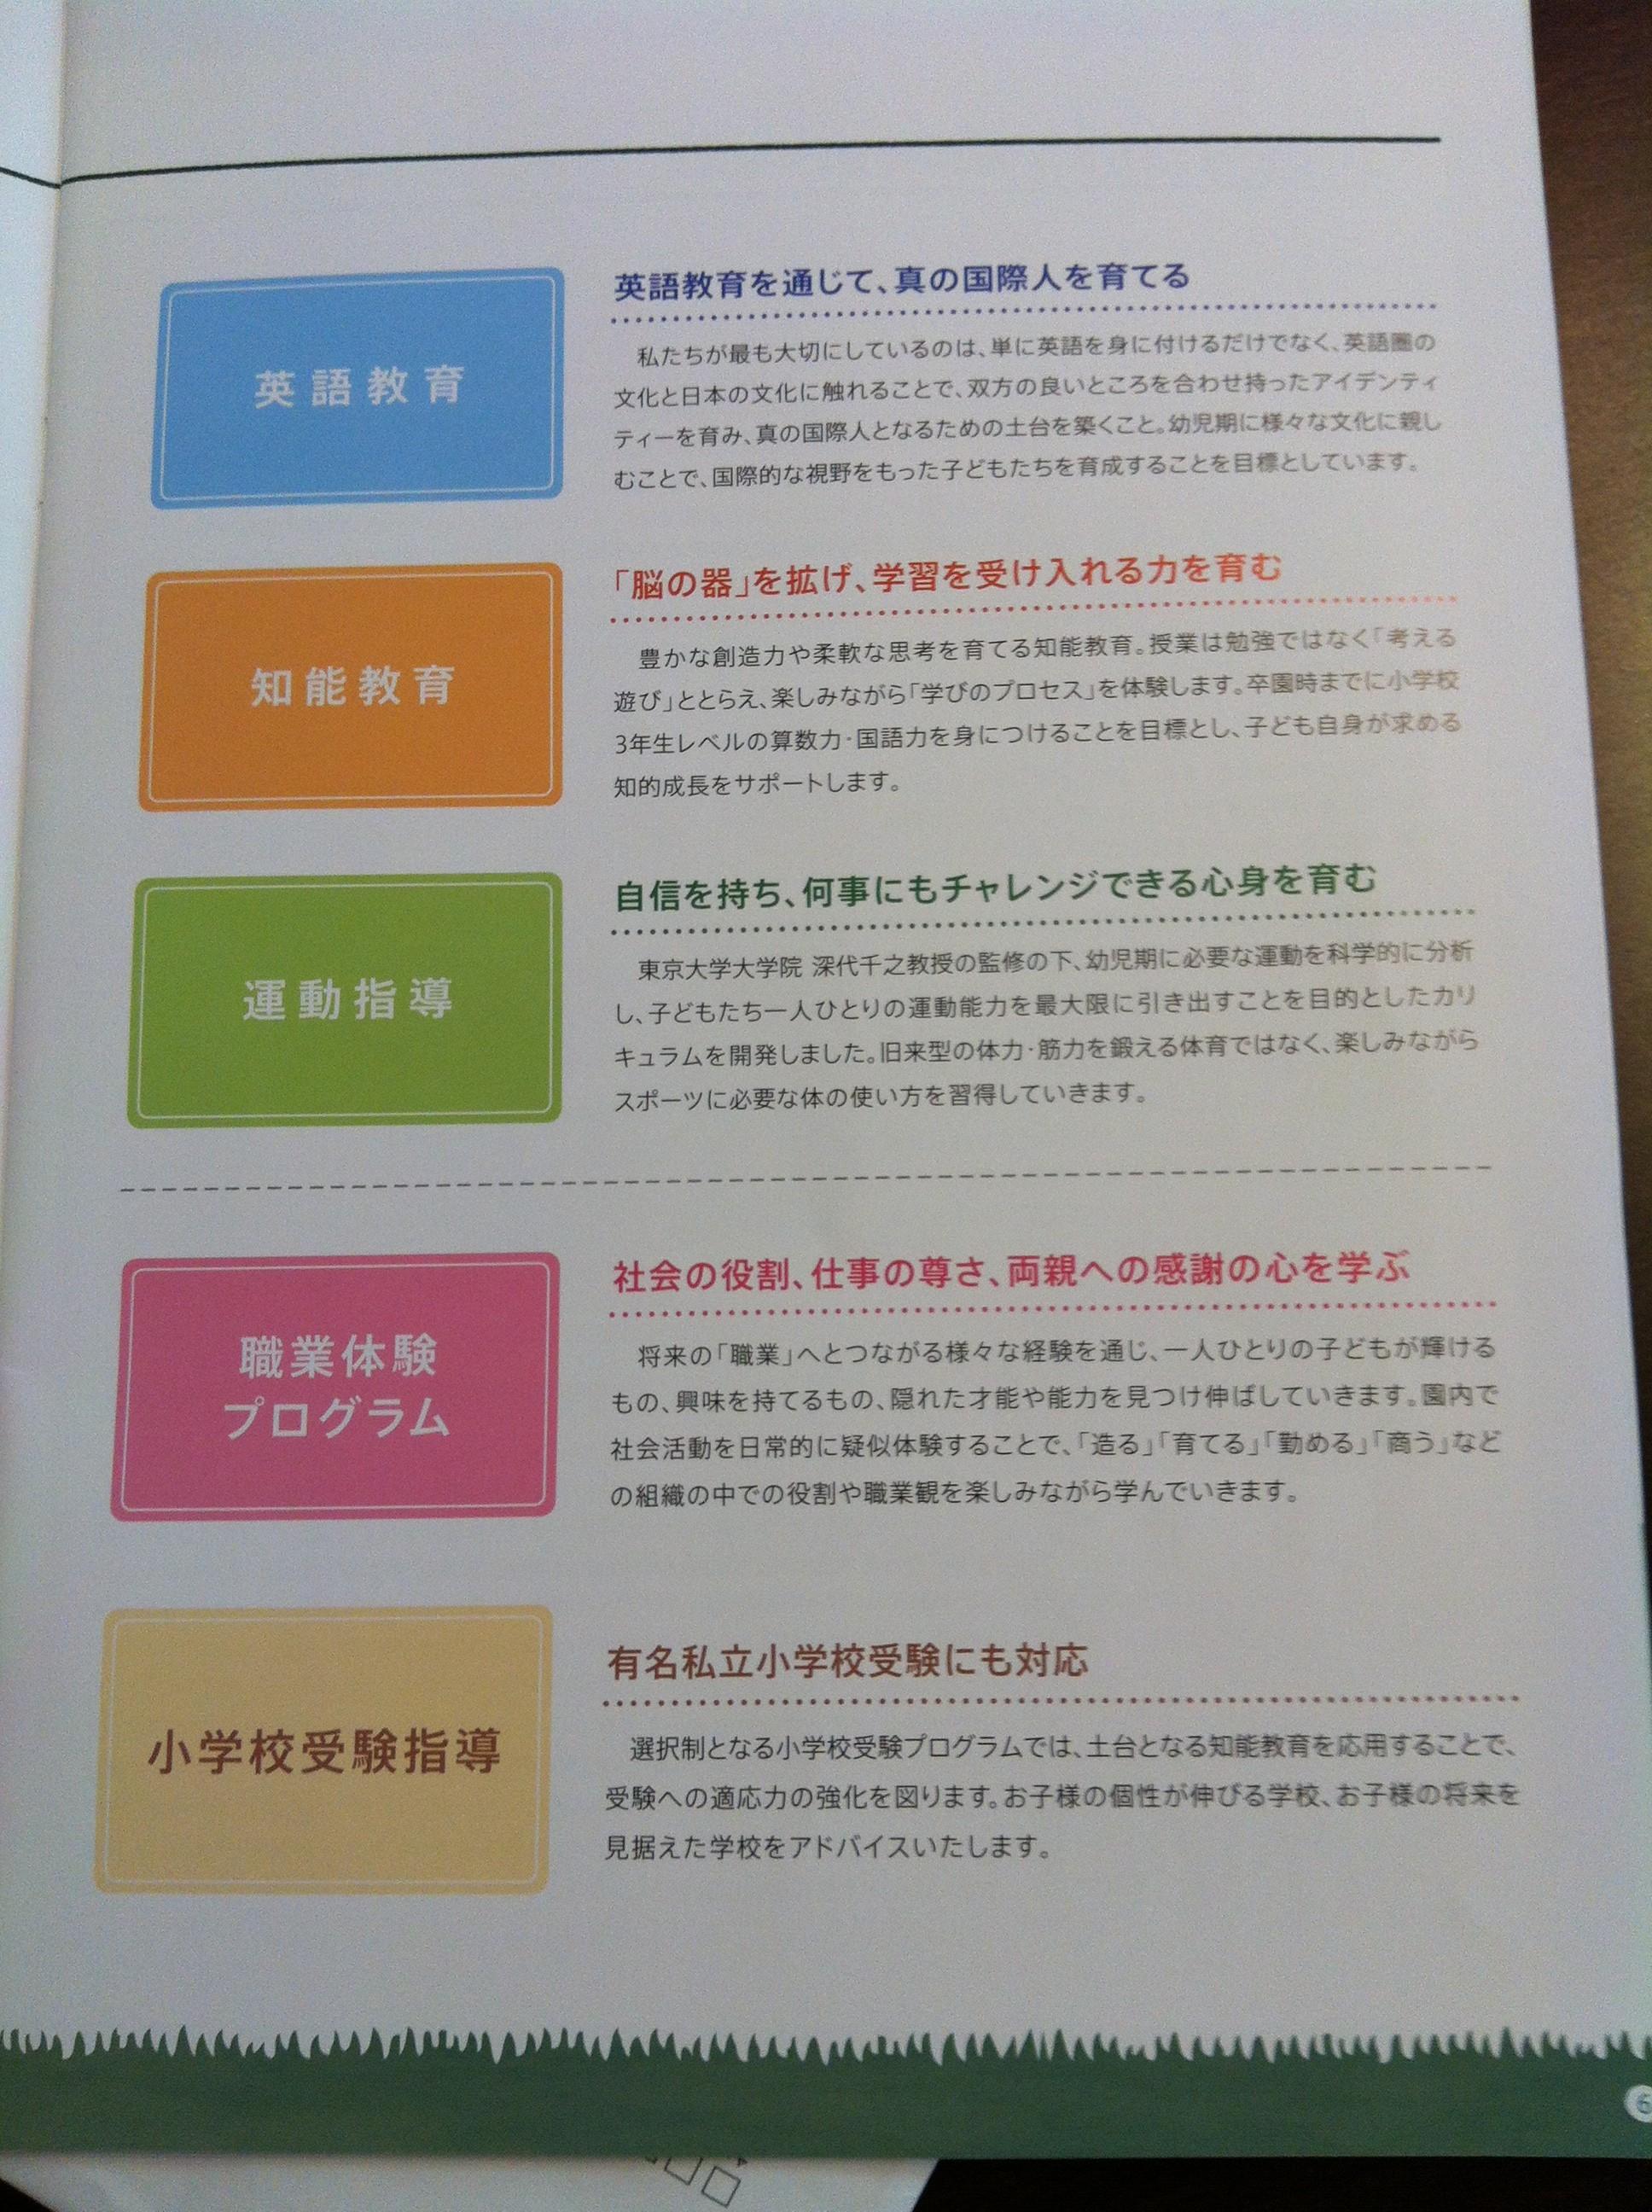 キッズデュオ(kids duo)の説明会で配られたパンフレット6ページ目の画像キャプチャ